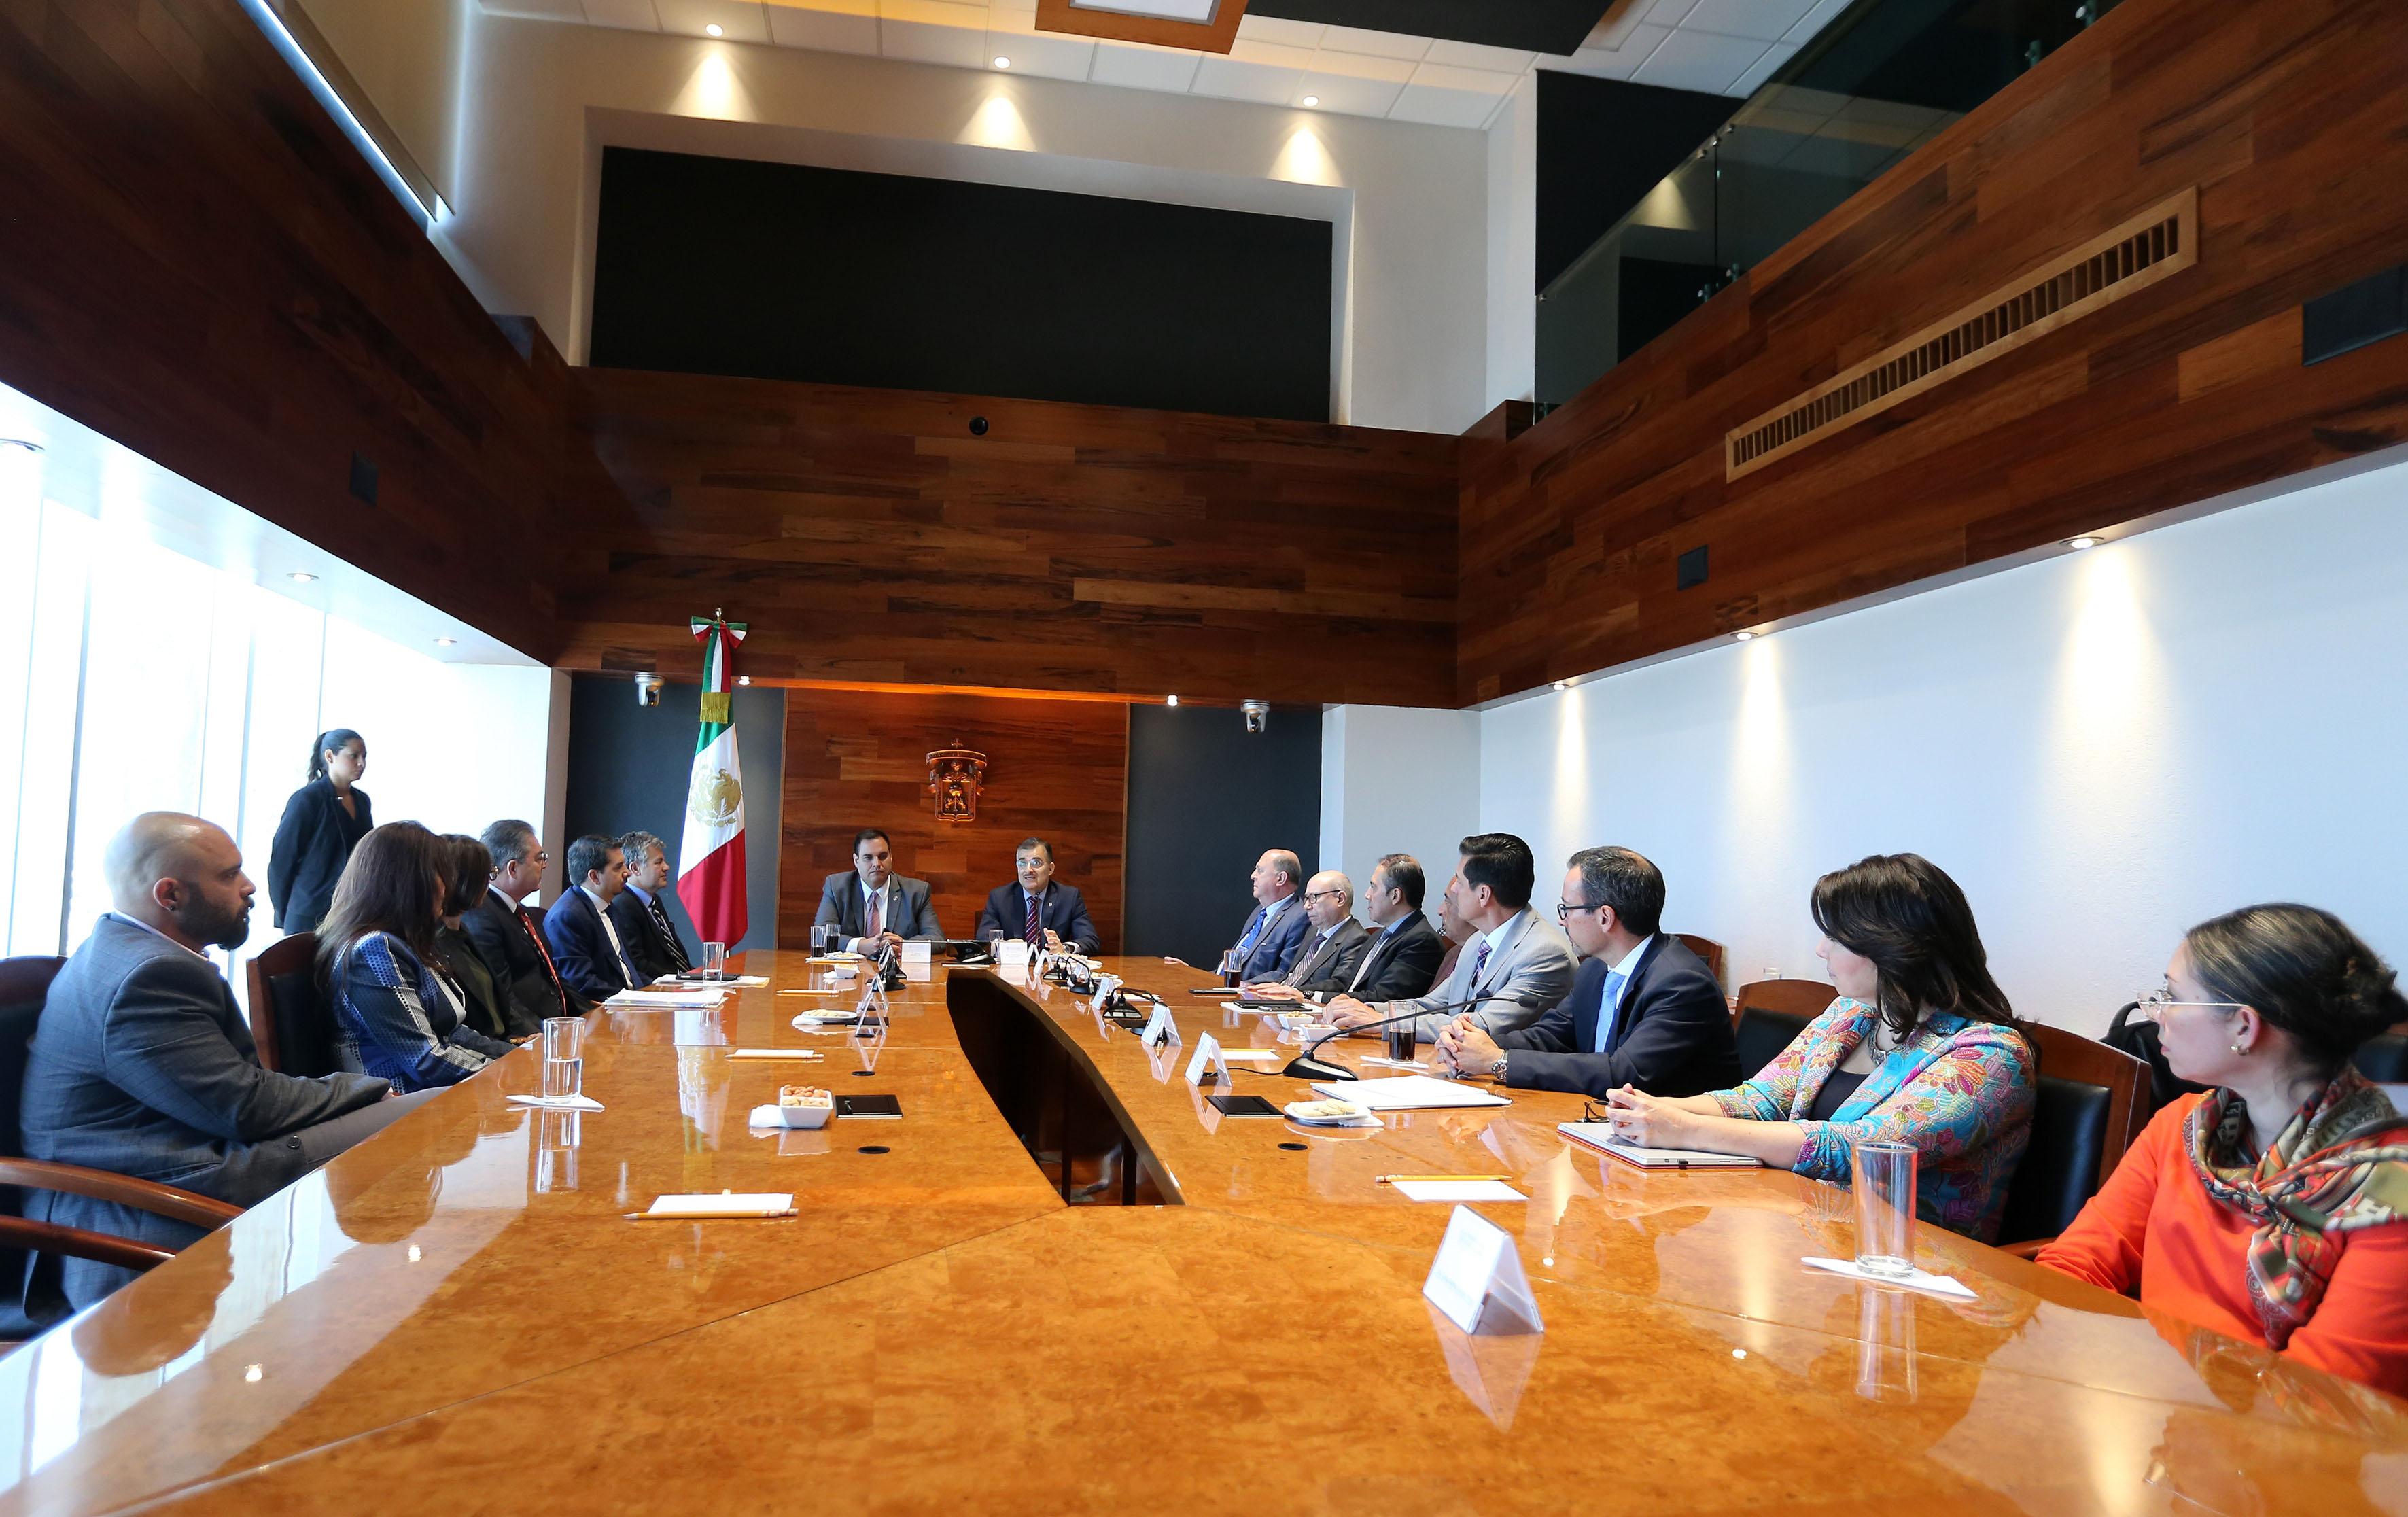 Acuerdo de colaboración firmado entre la Universidad de Guadalajara (UdeG) y la Universidad de Harvard este mediodía en el edificio de Rectoría General.